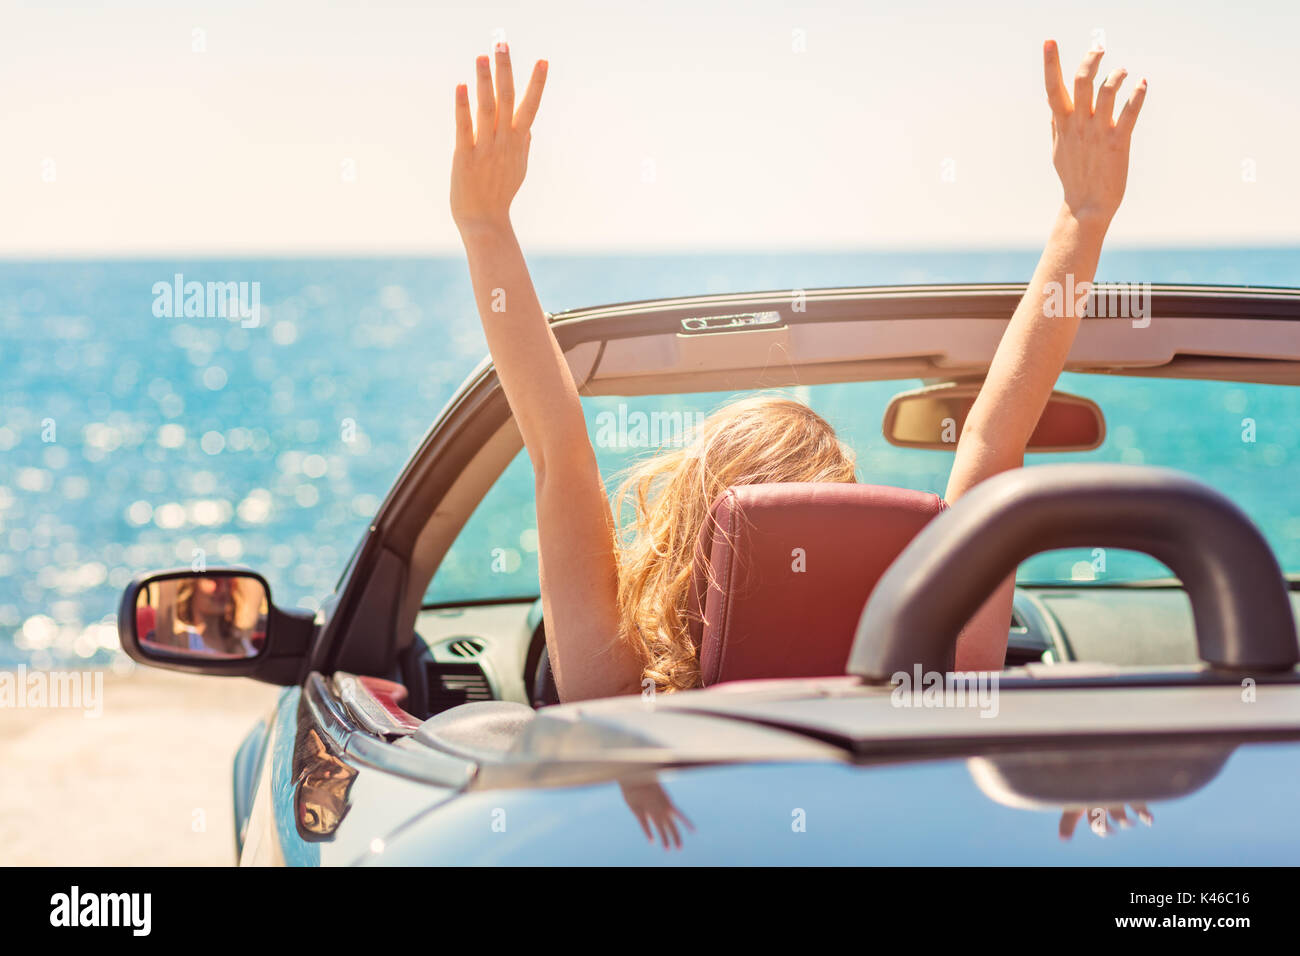 Heureux et insouciant femme dans la voiture sur la plage Photo Stock